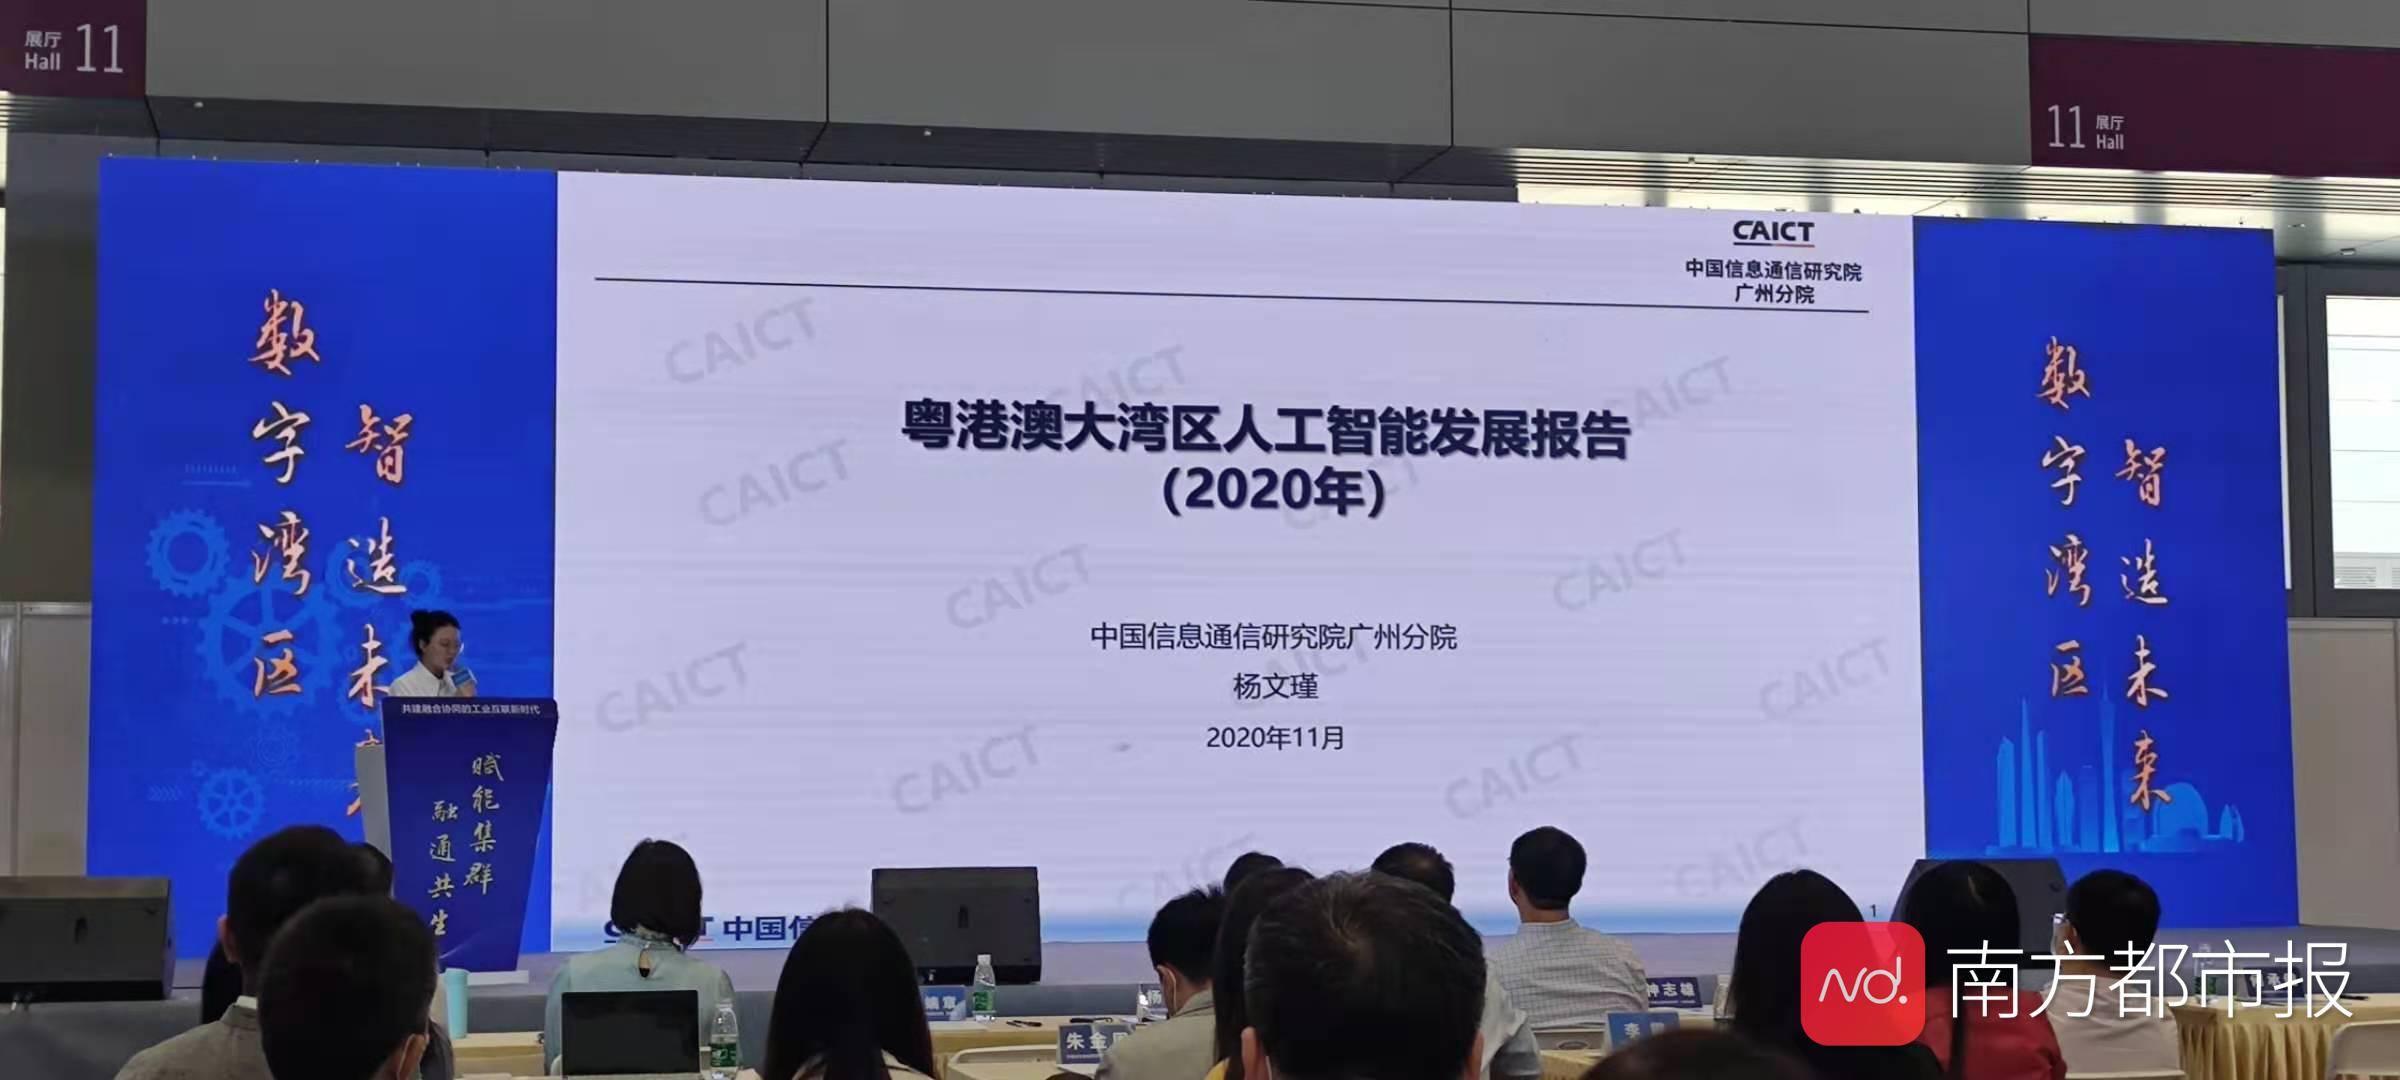 广东数字经济规模达4.9万亿,占GDP比重超4成: